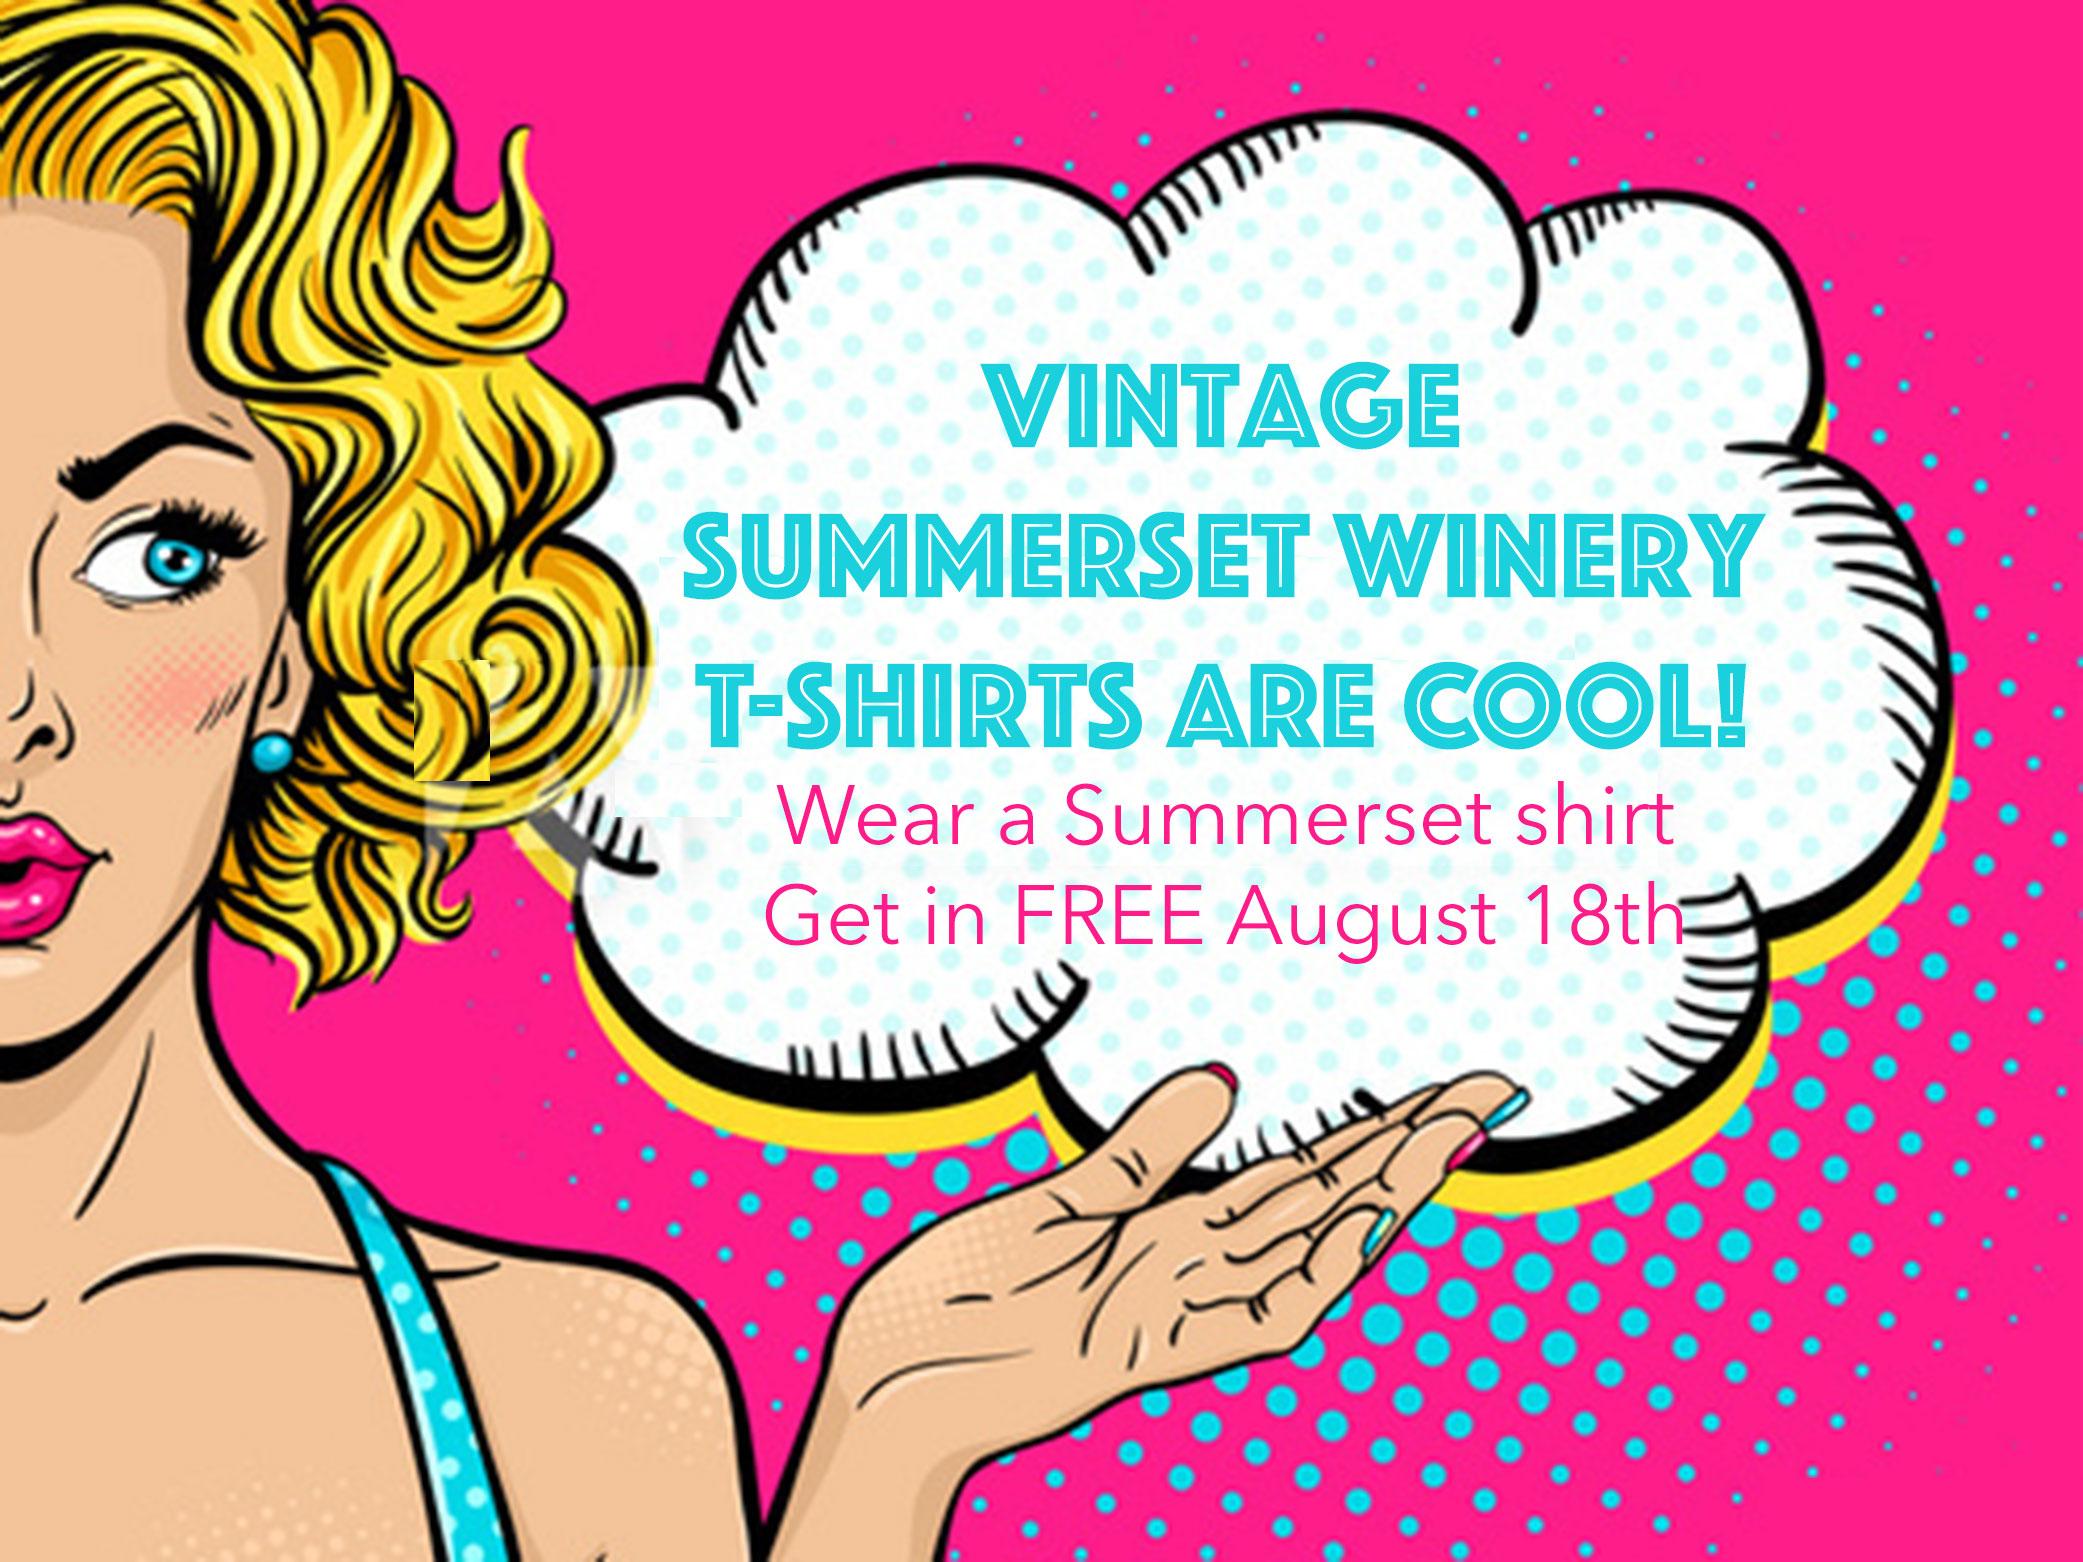 vintage-tshirt-sunday-tunes.jpg